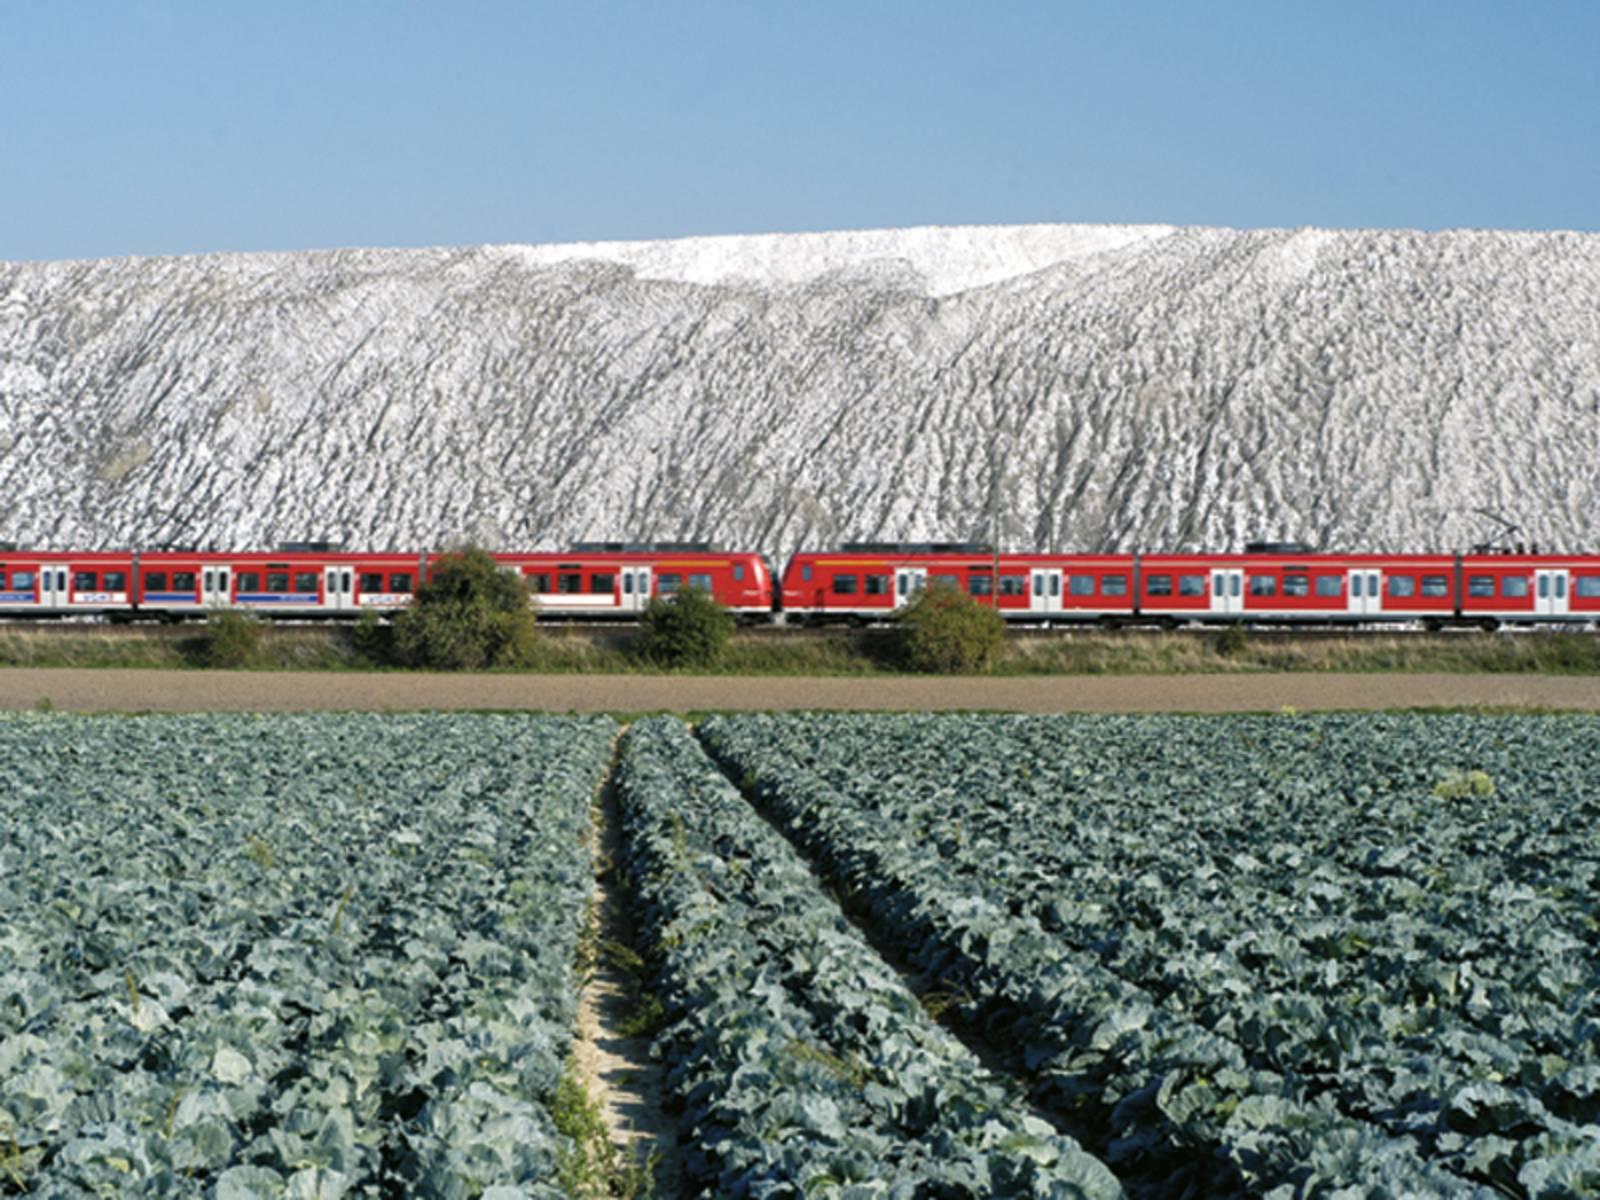 Felder, im Mittelgrund eine rote S-Bahn und im Hintergrund die Weiss leuchtende Kalihalde